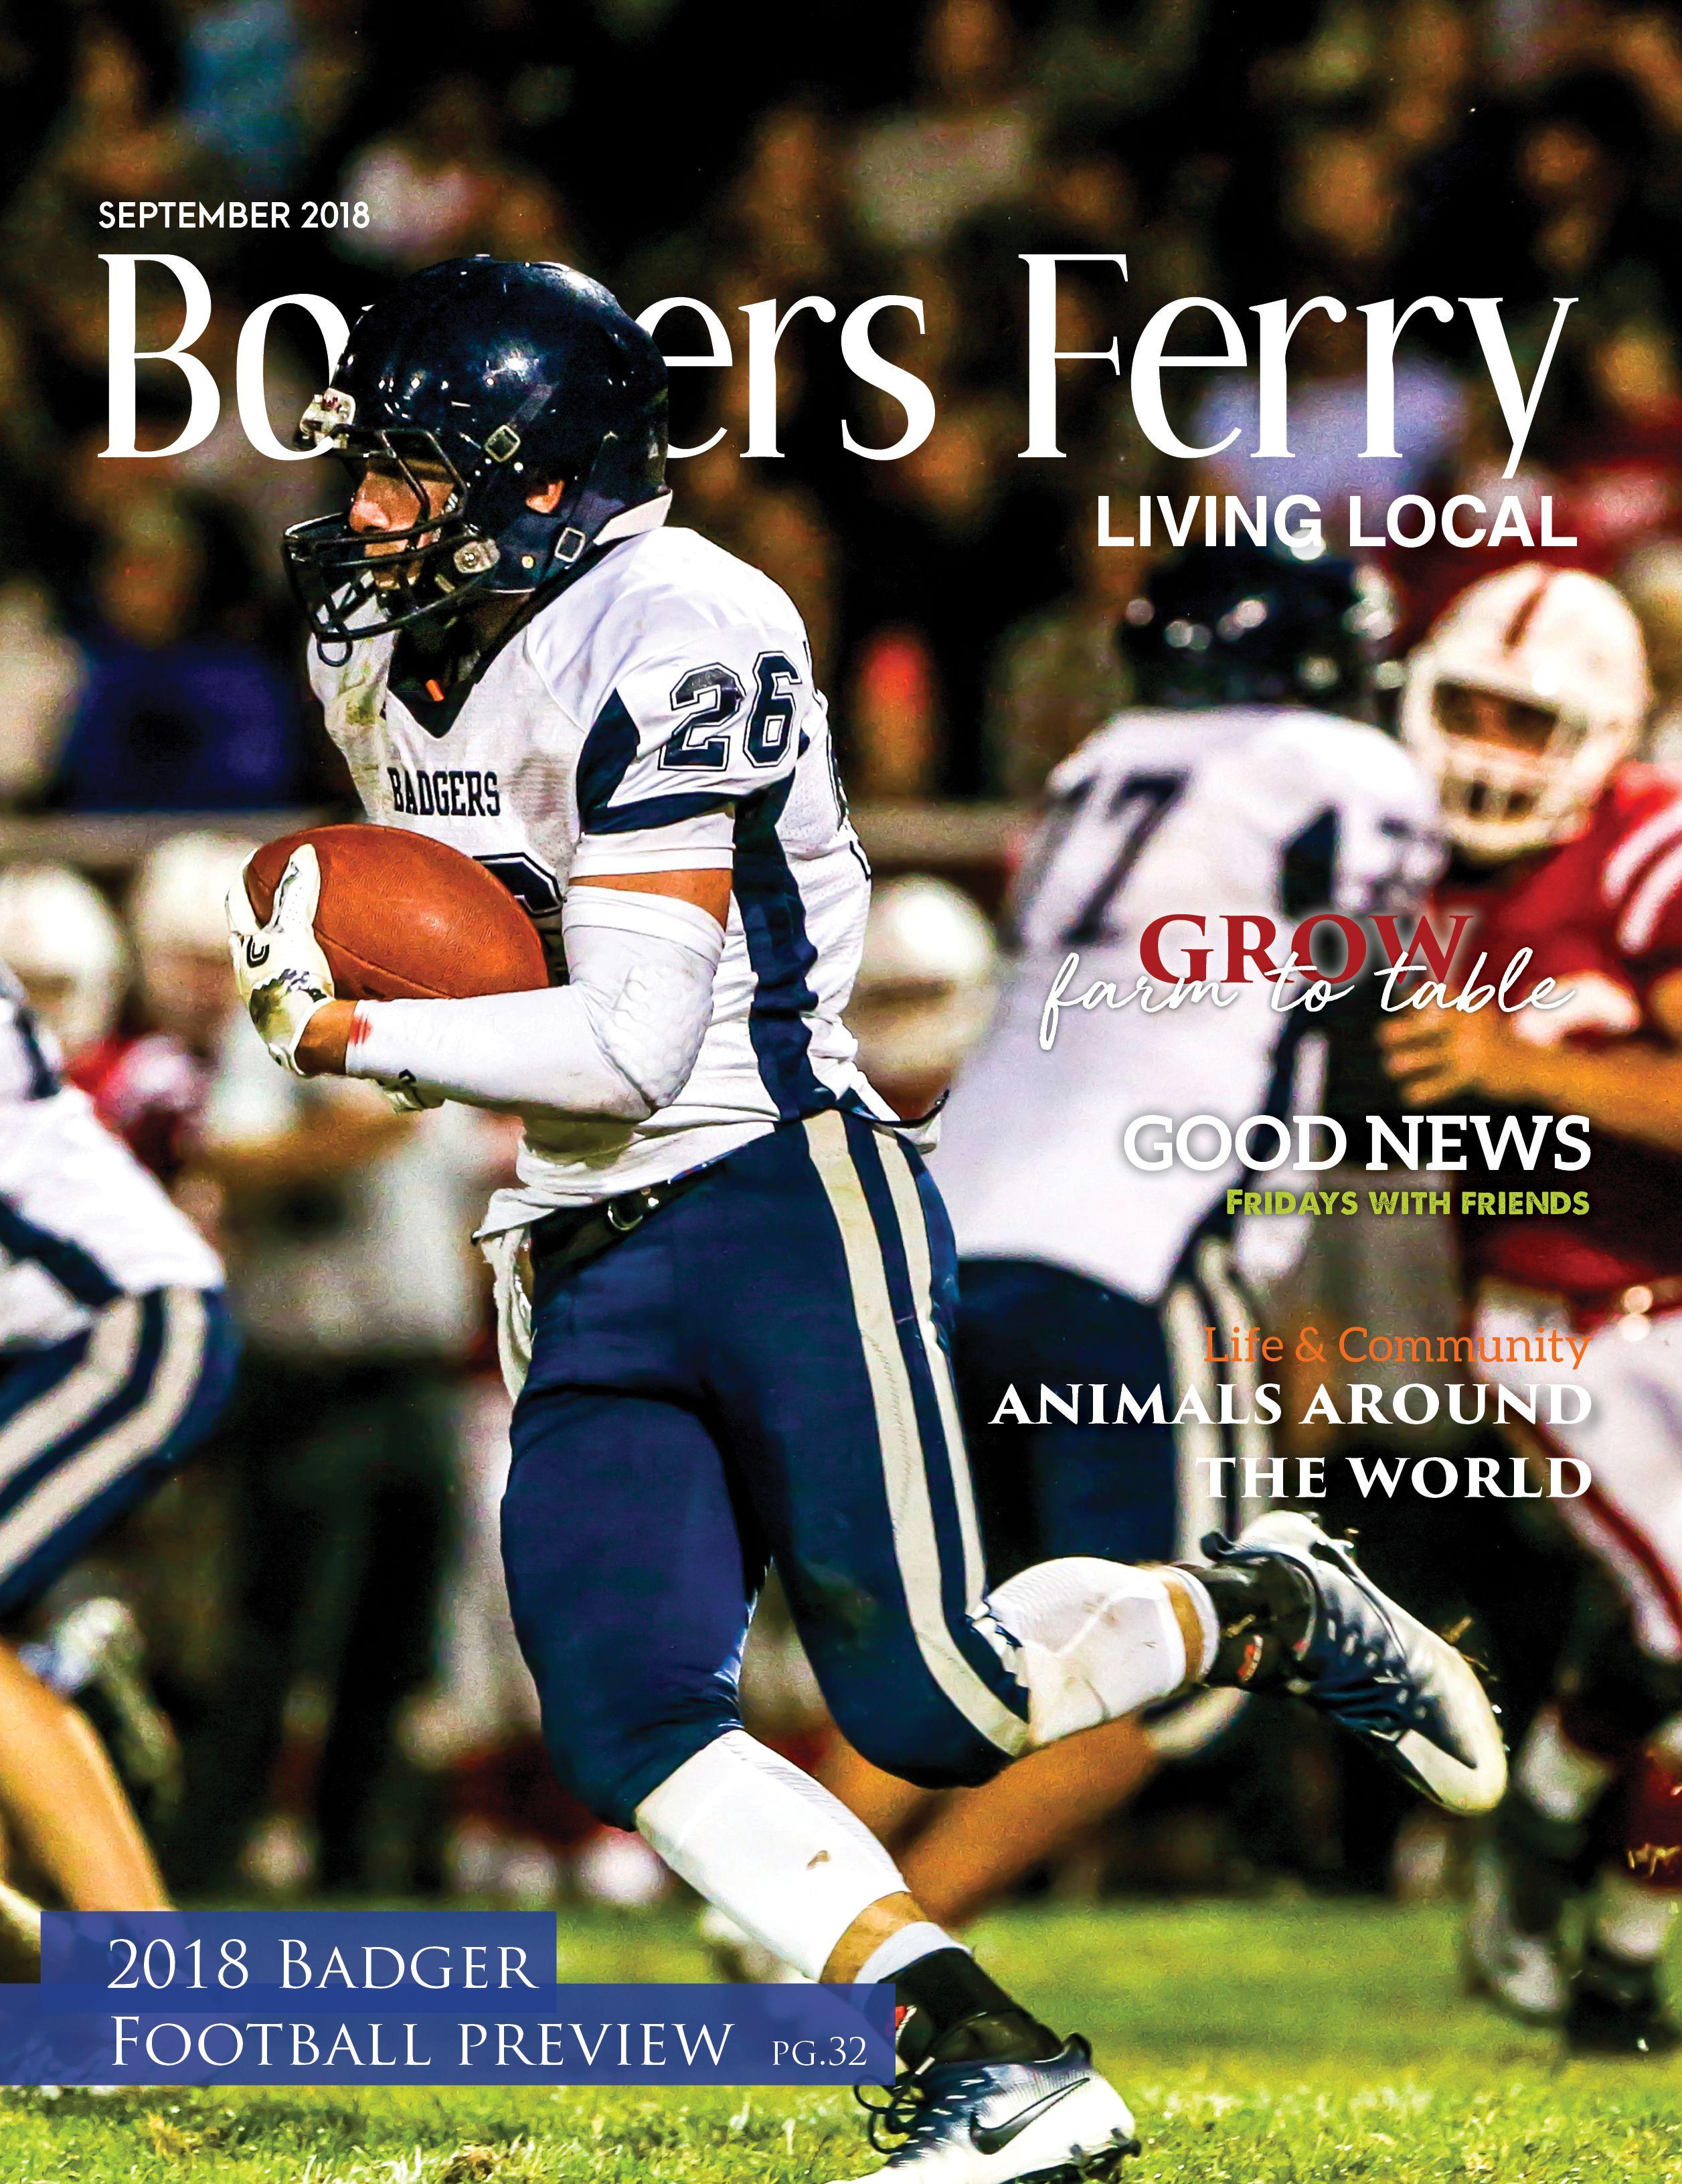 Bonners Ferry News